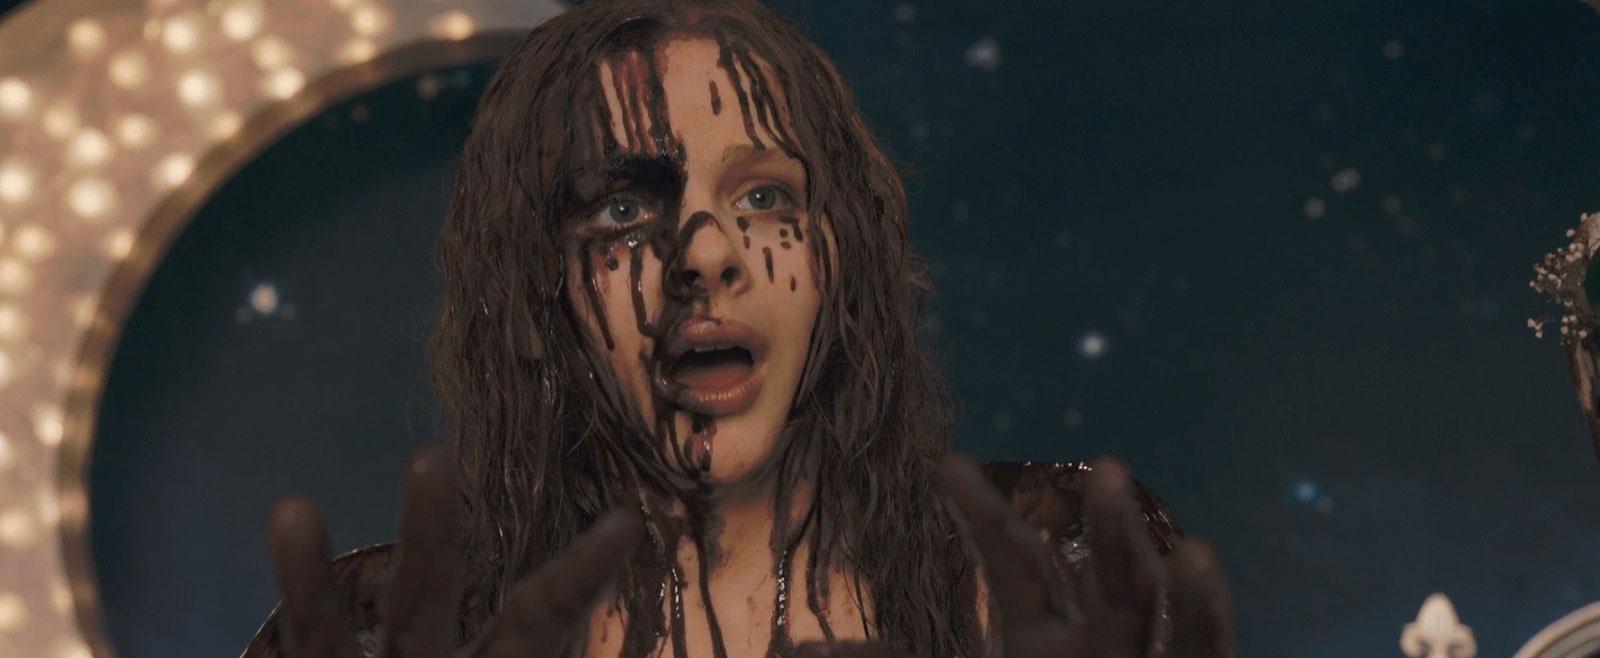 Carrie, la vengeance (2013) de Kimberly Peirce